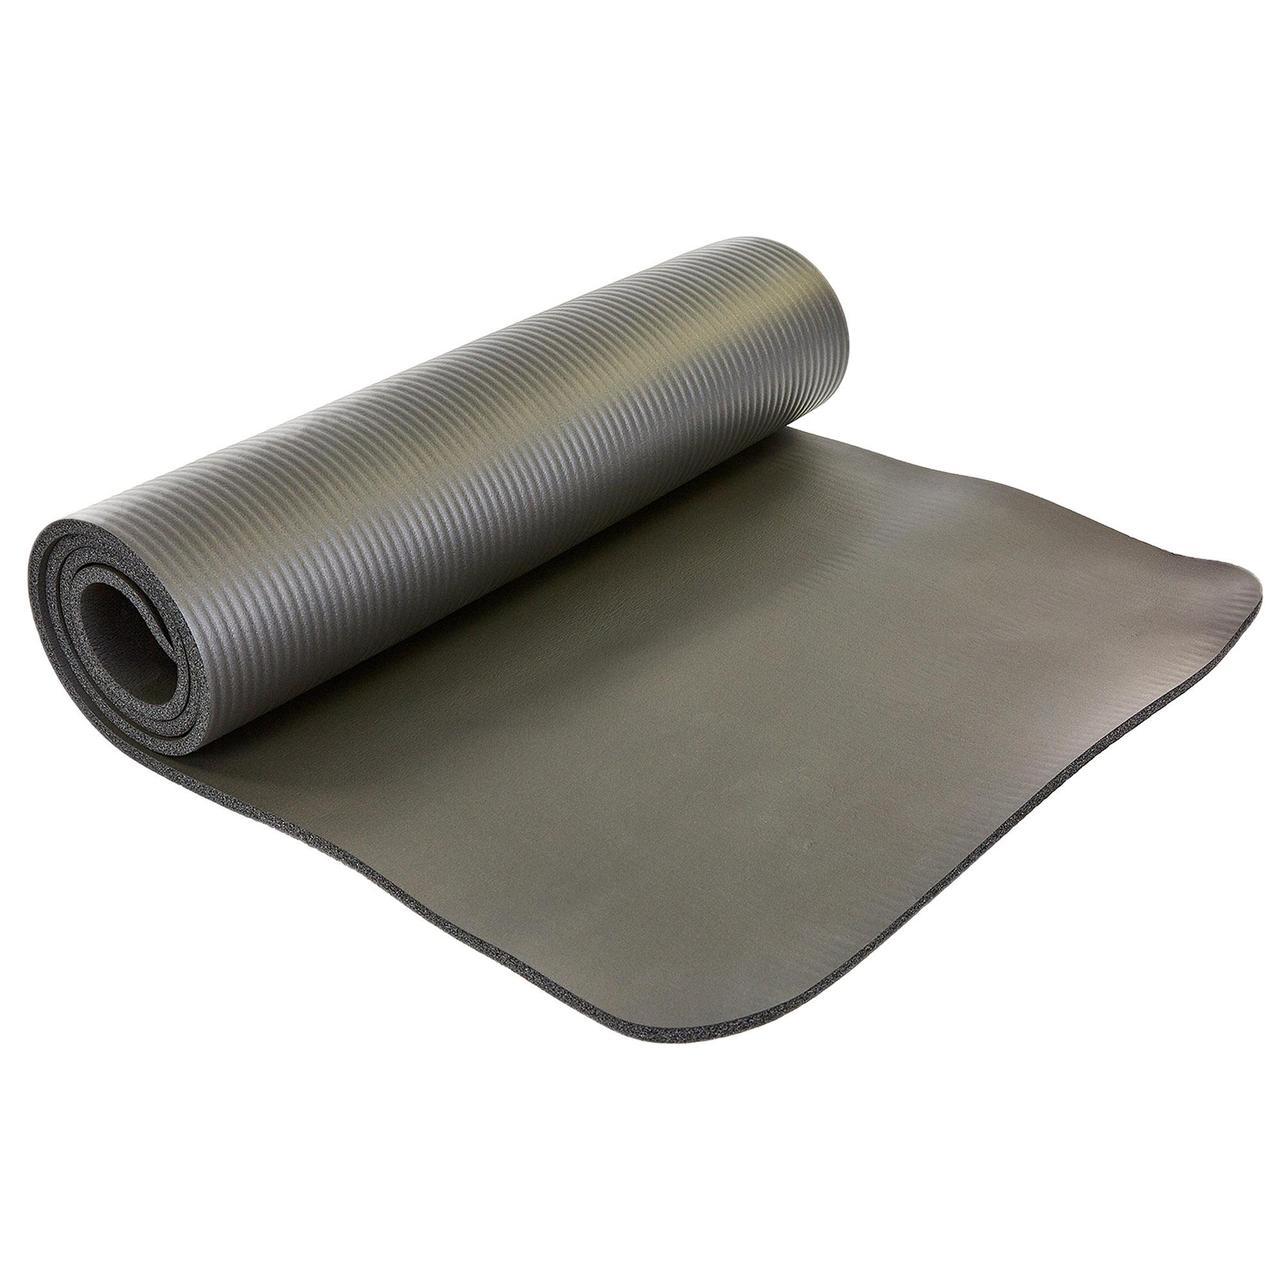 Коврик для йоги и фитнеса NBR 10мм SP-Planeta FI-6986 (размер 1,83мx0,61мx10мм, фиксирующая резинка, цвета в